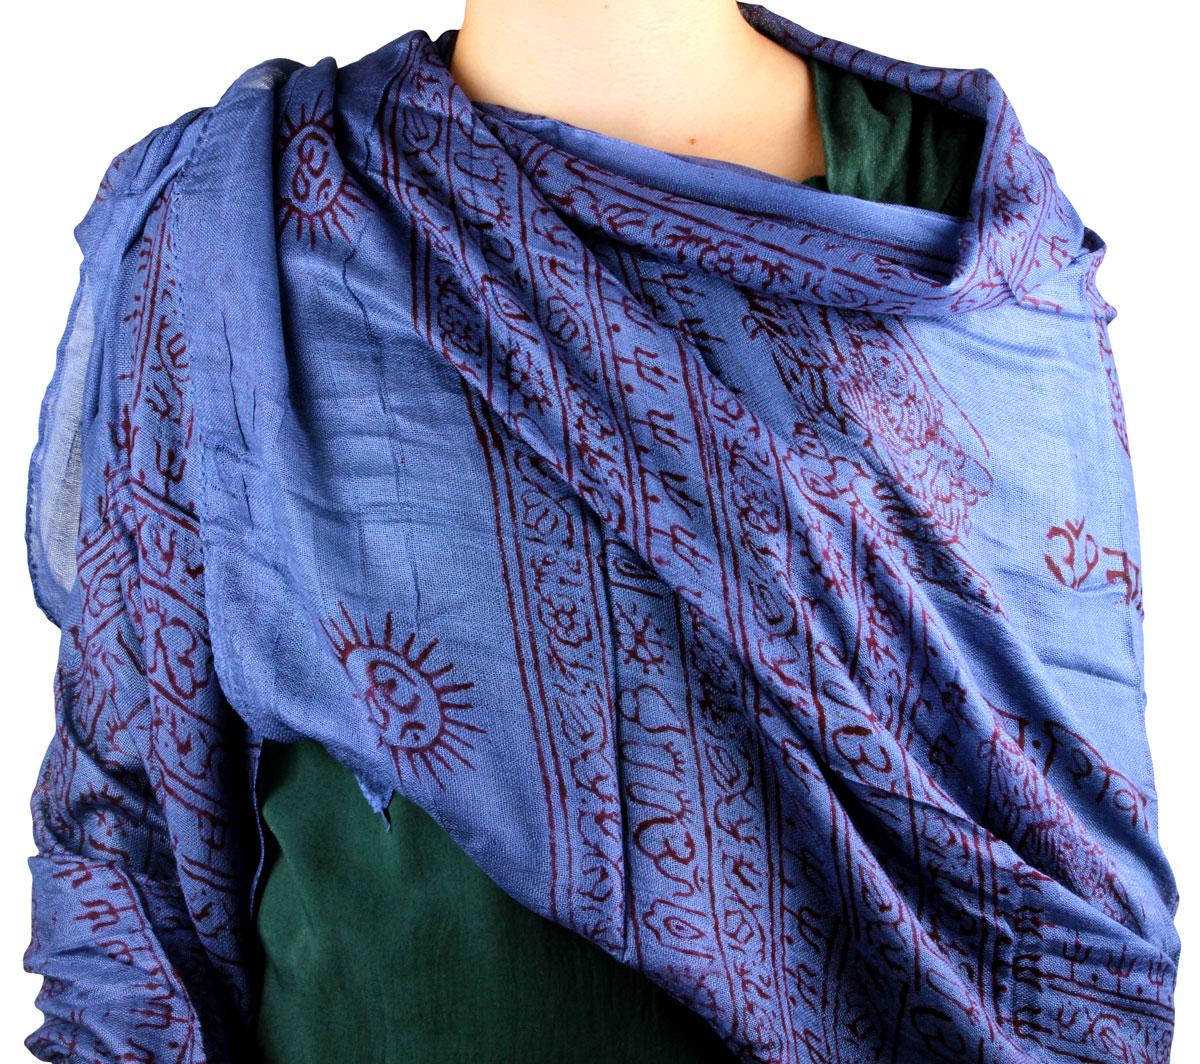 scialle mantra blu cotone per donna meditazione